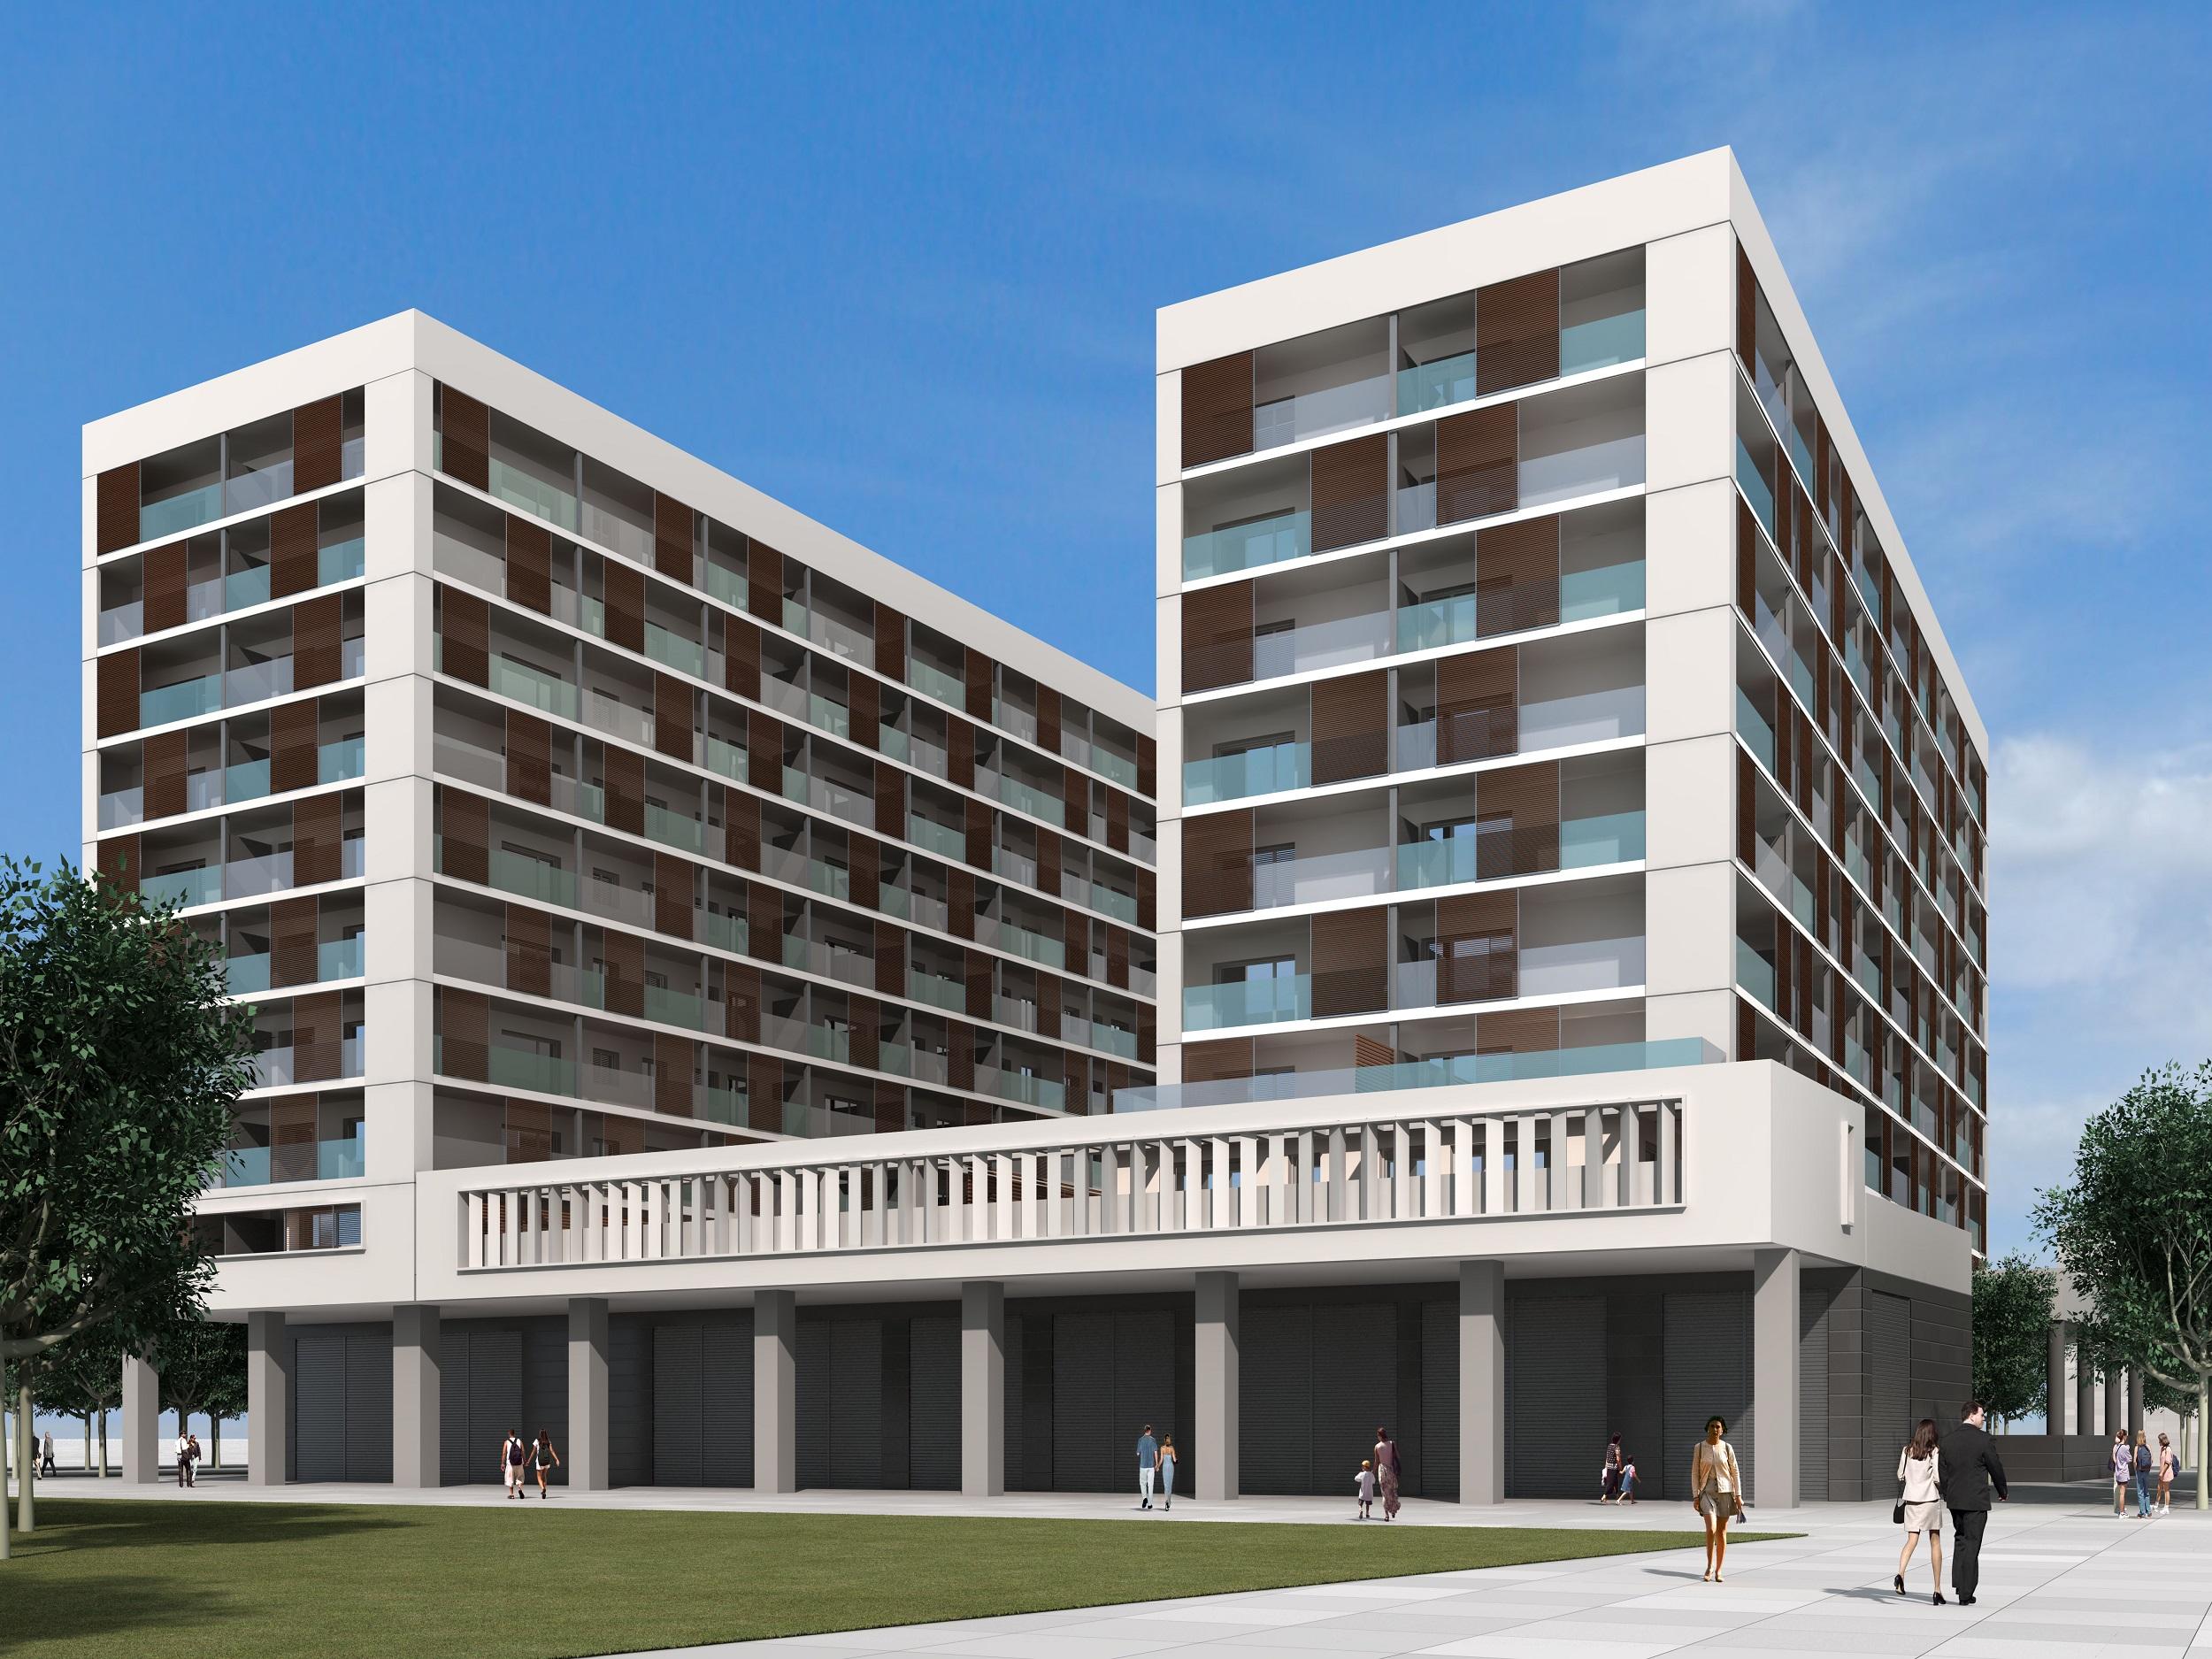 Sareb se convierte en promotor de vivienda construir 783 for Pisos sareb barcelona